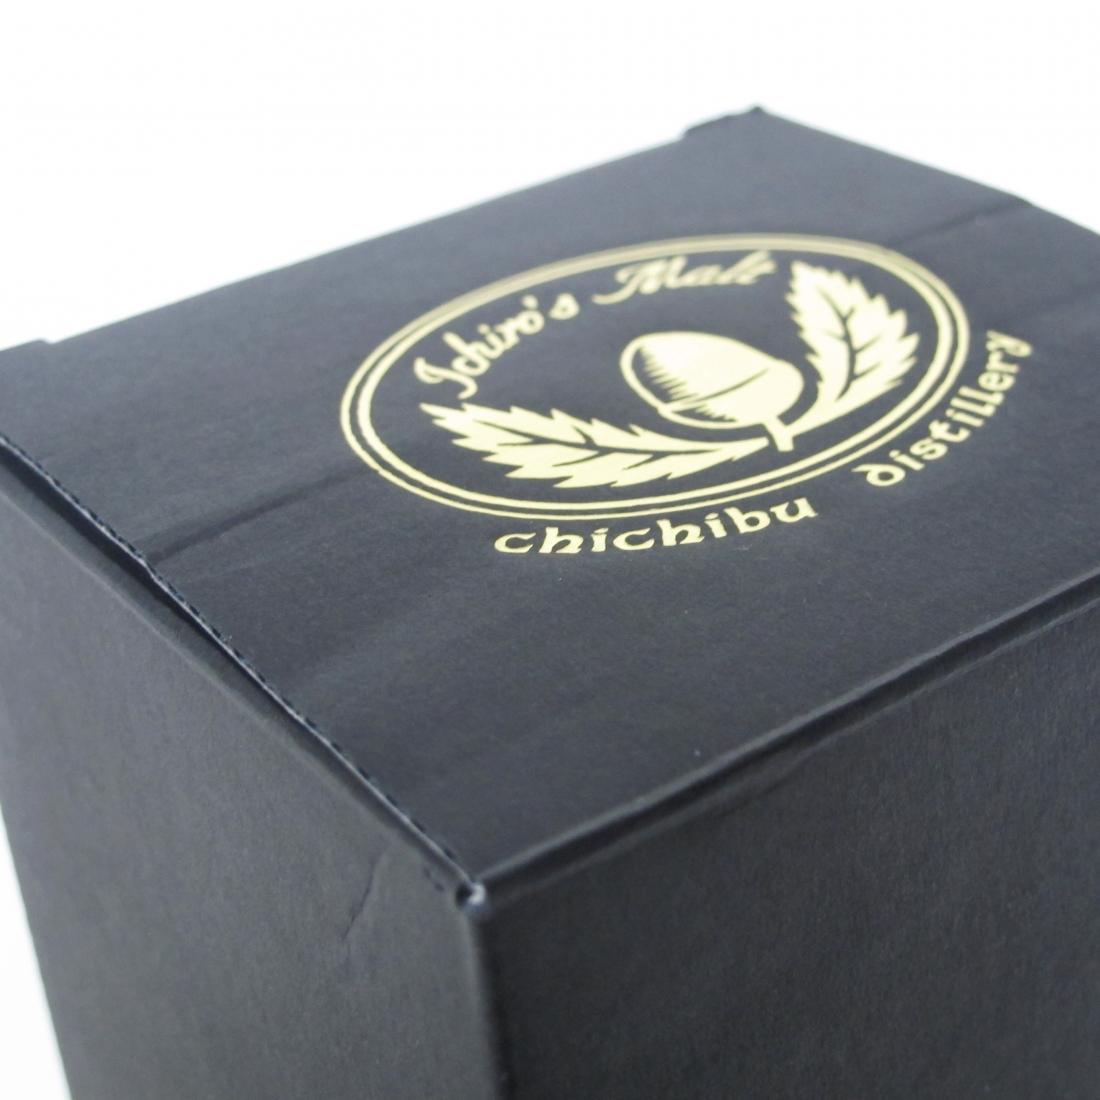 Chichibu 2010 Ichiro's Malt Cask / Whisky Talk 2016